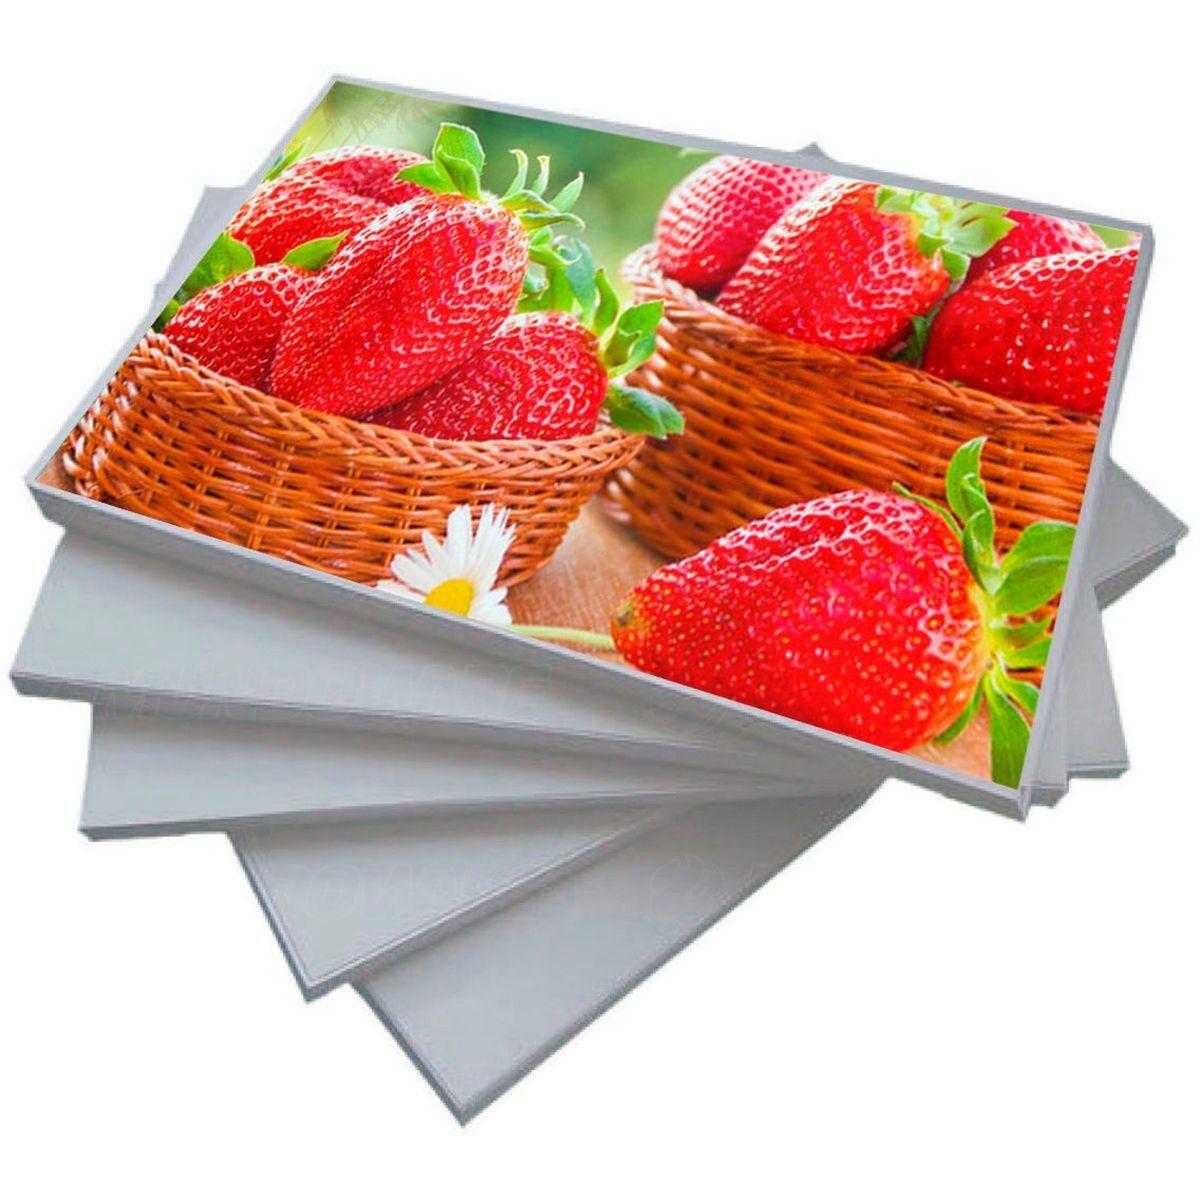 Papel Foto Adesivo 115g A4 Glossy Branco Brilhante Resistente à Água / 300 folhas